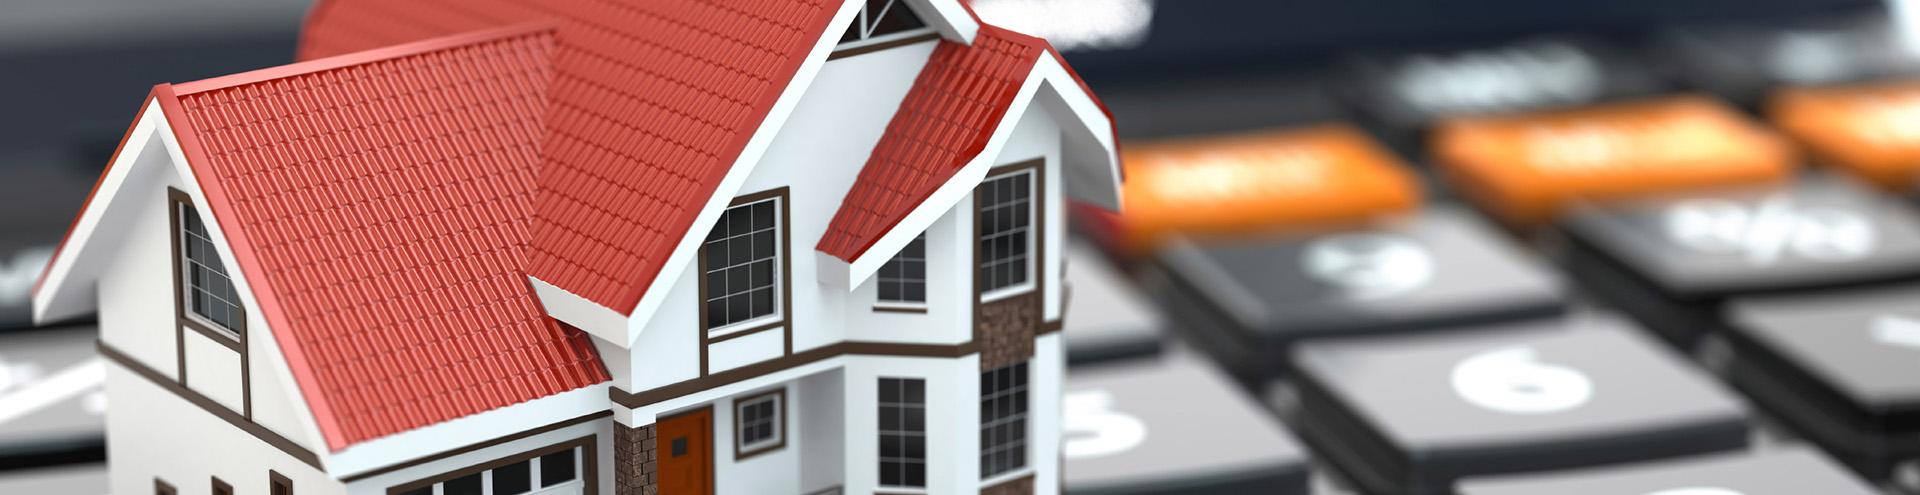 Оспаривание кадастровой стоимости недвижимости в Самаре и Самарской области